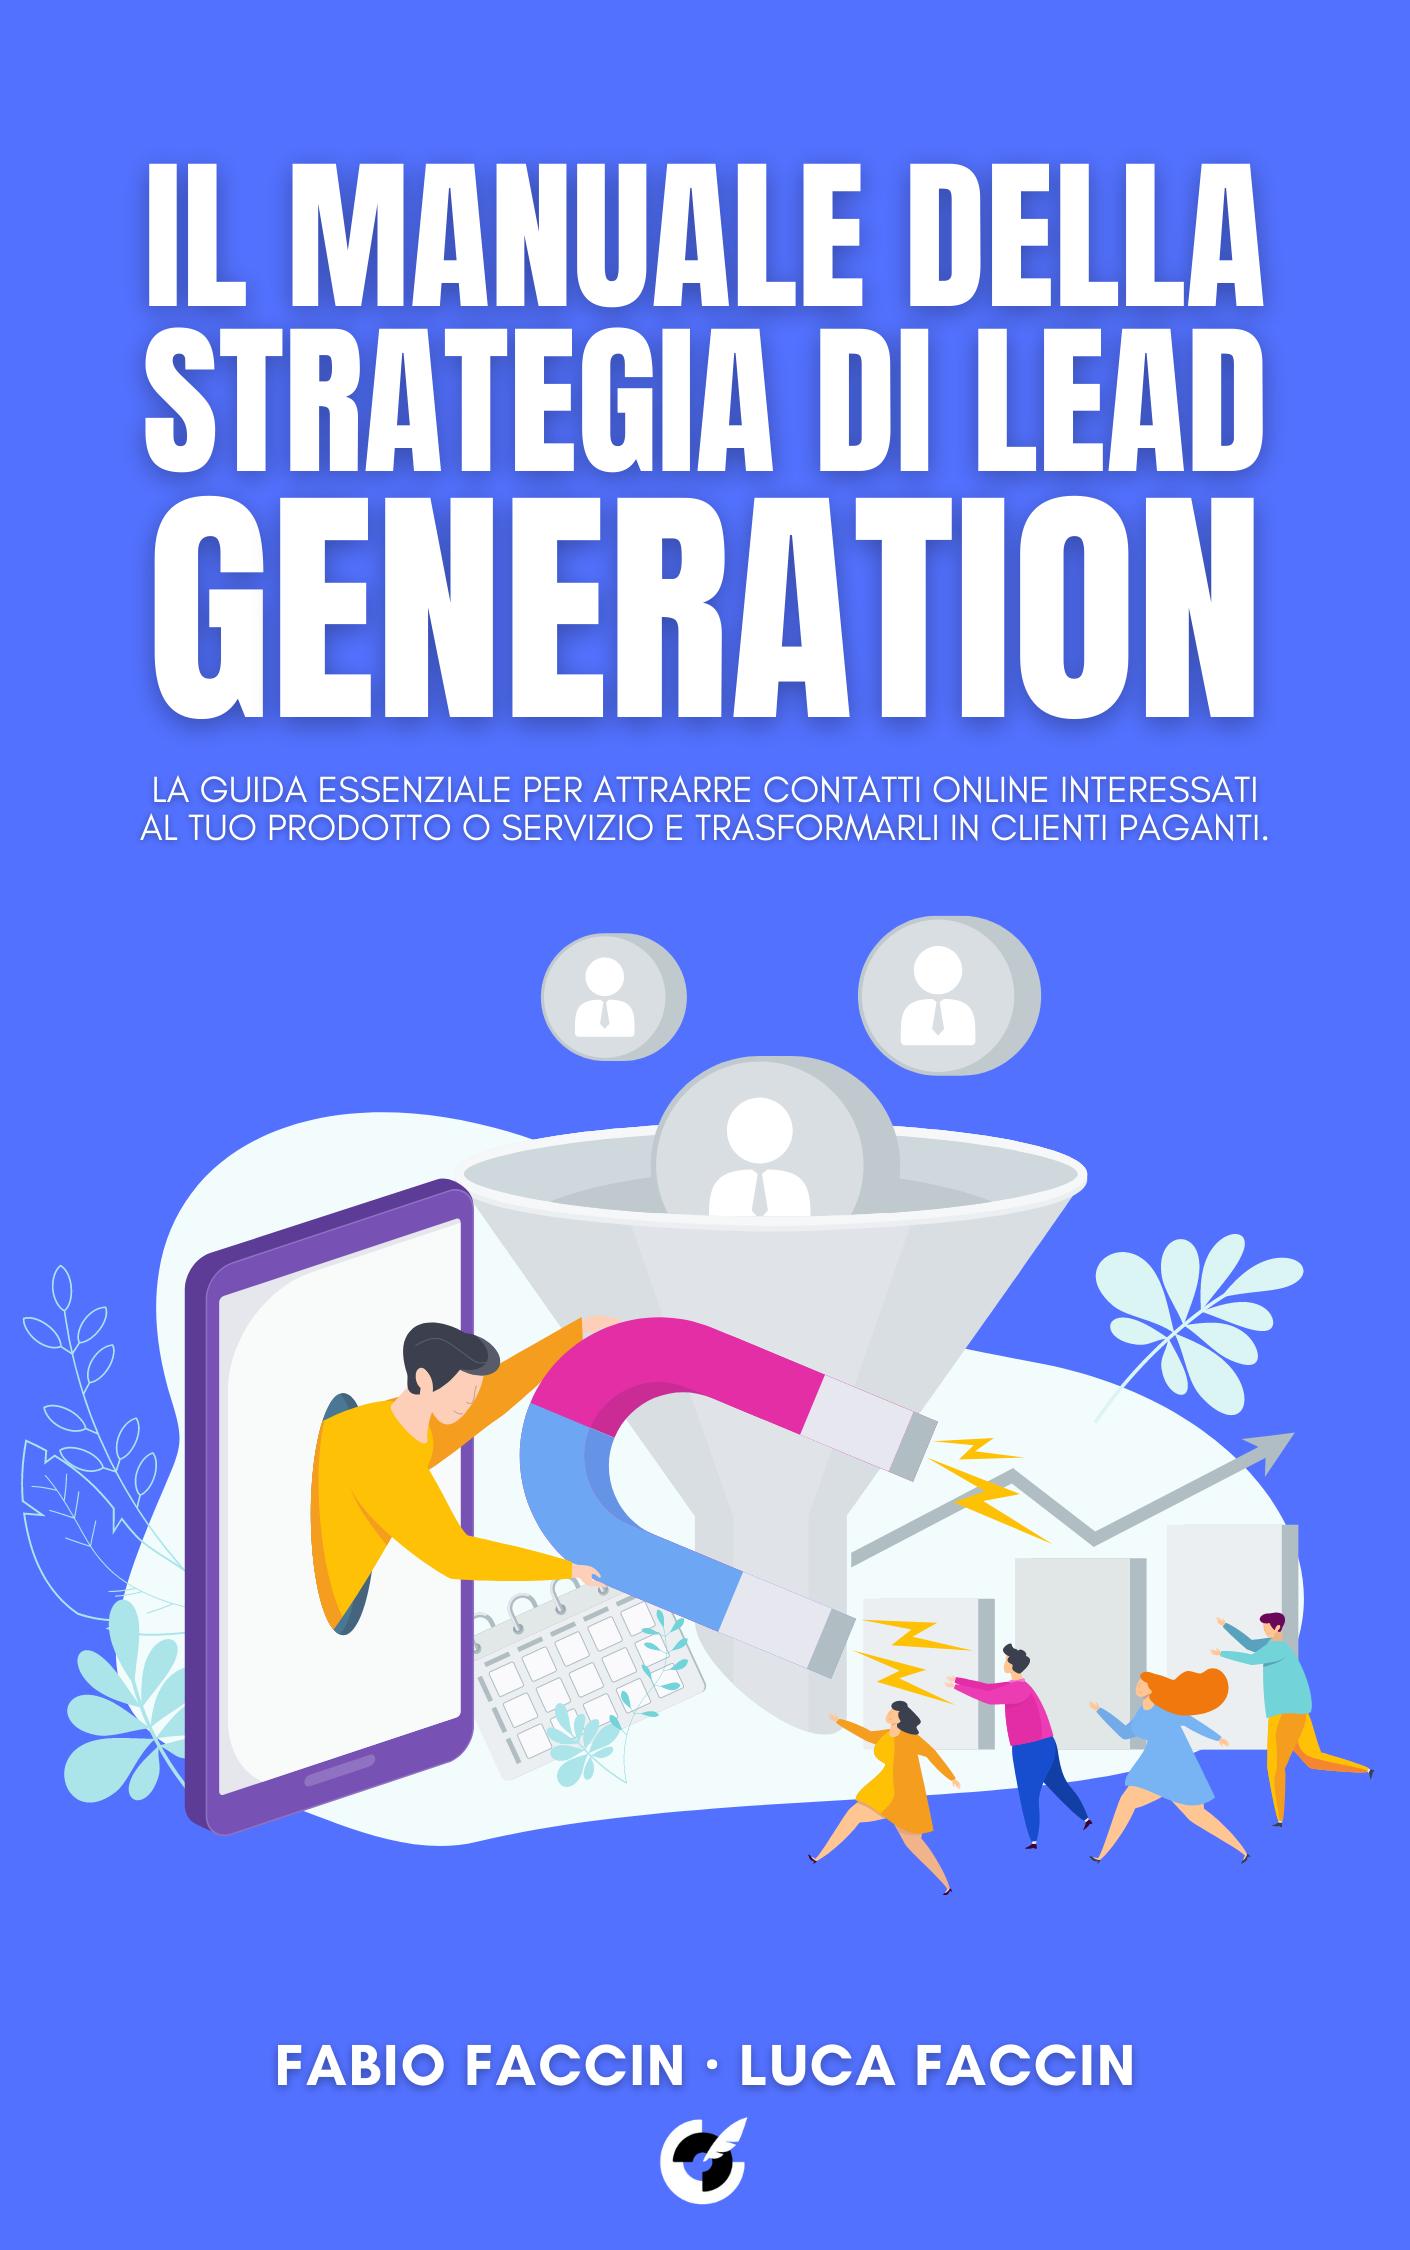 Il manuale ddella strategia di lead generation libro fronte.